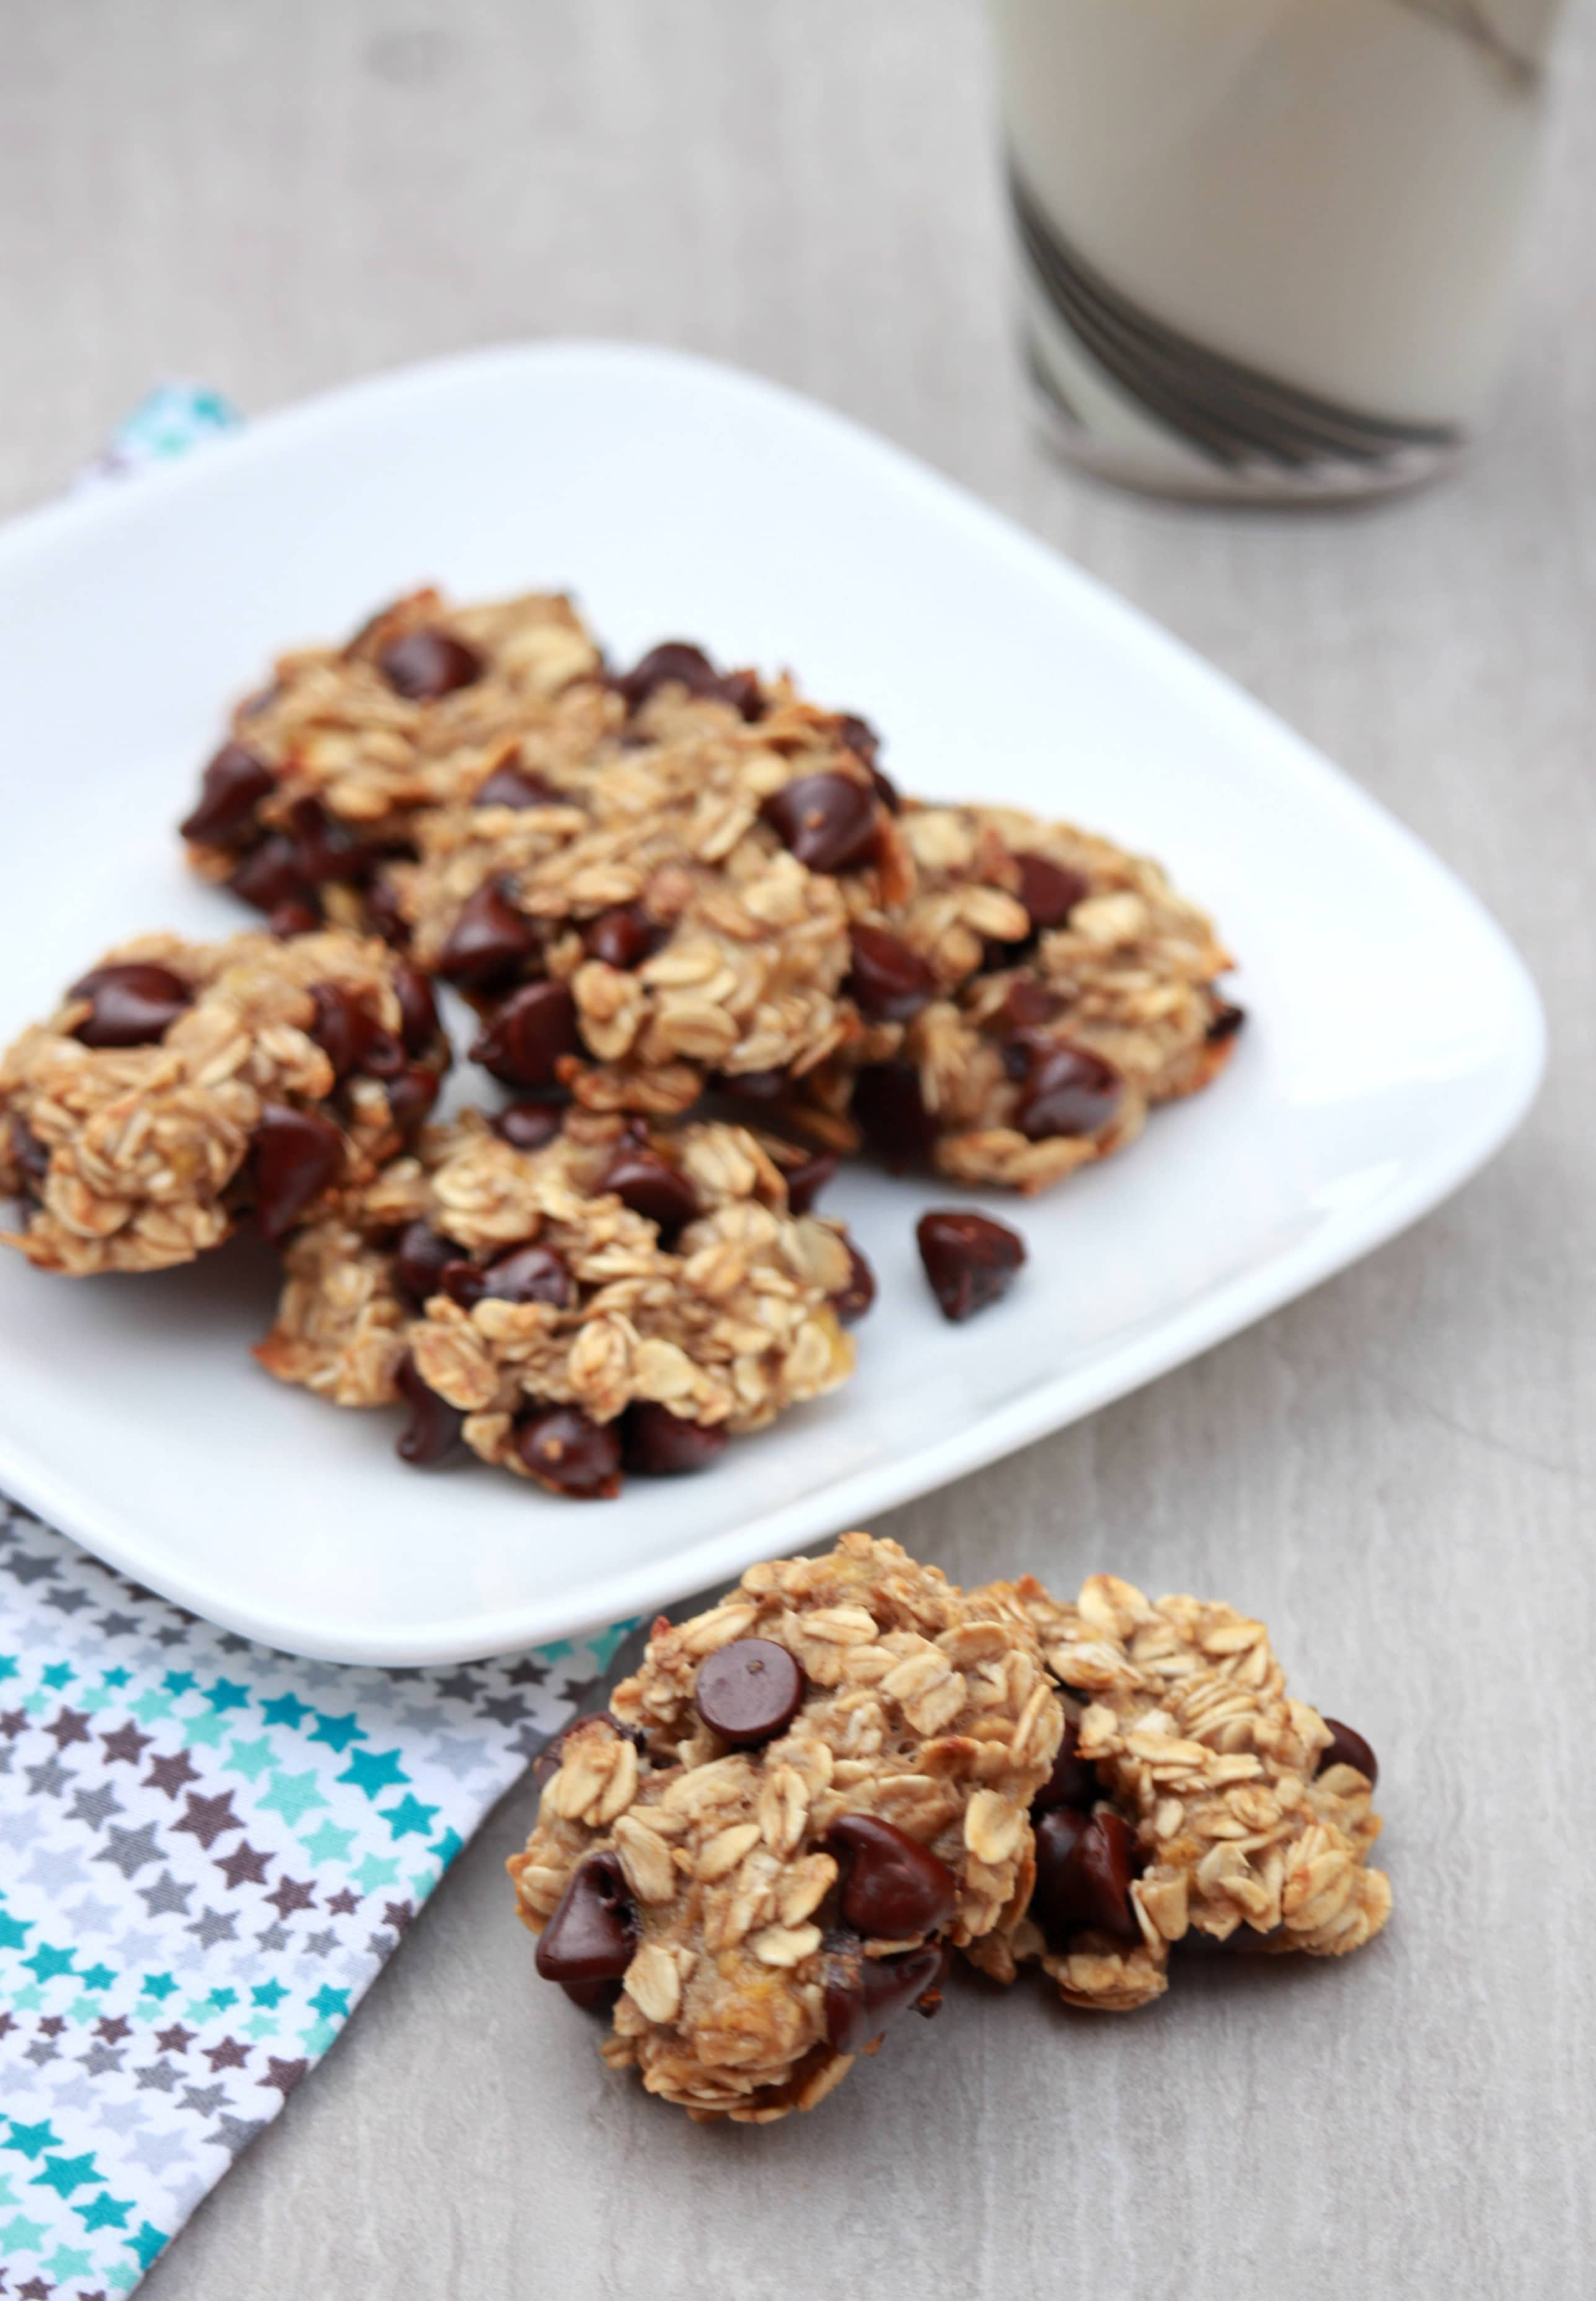 3 Ingredient Chocolate Chip Cookies  3 Ingre nt Banana Oatmeal Chocolate Chip Cookies My